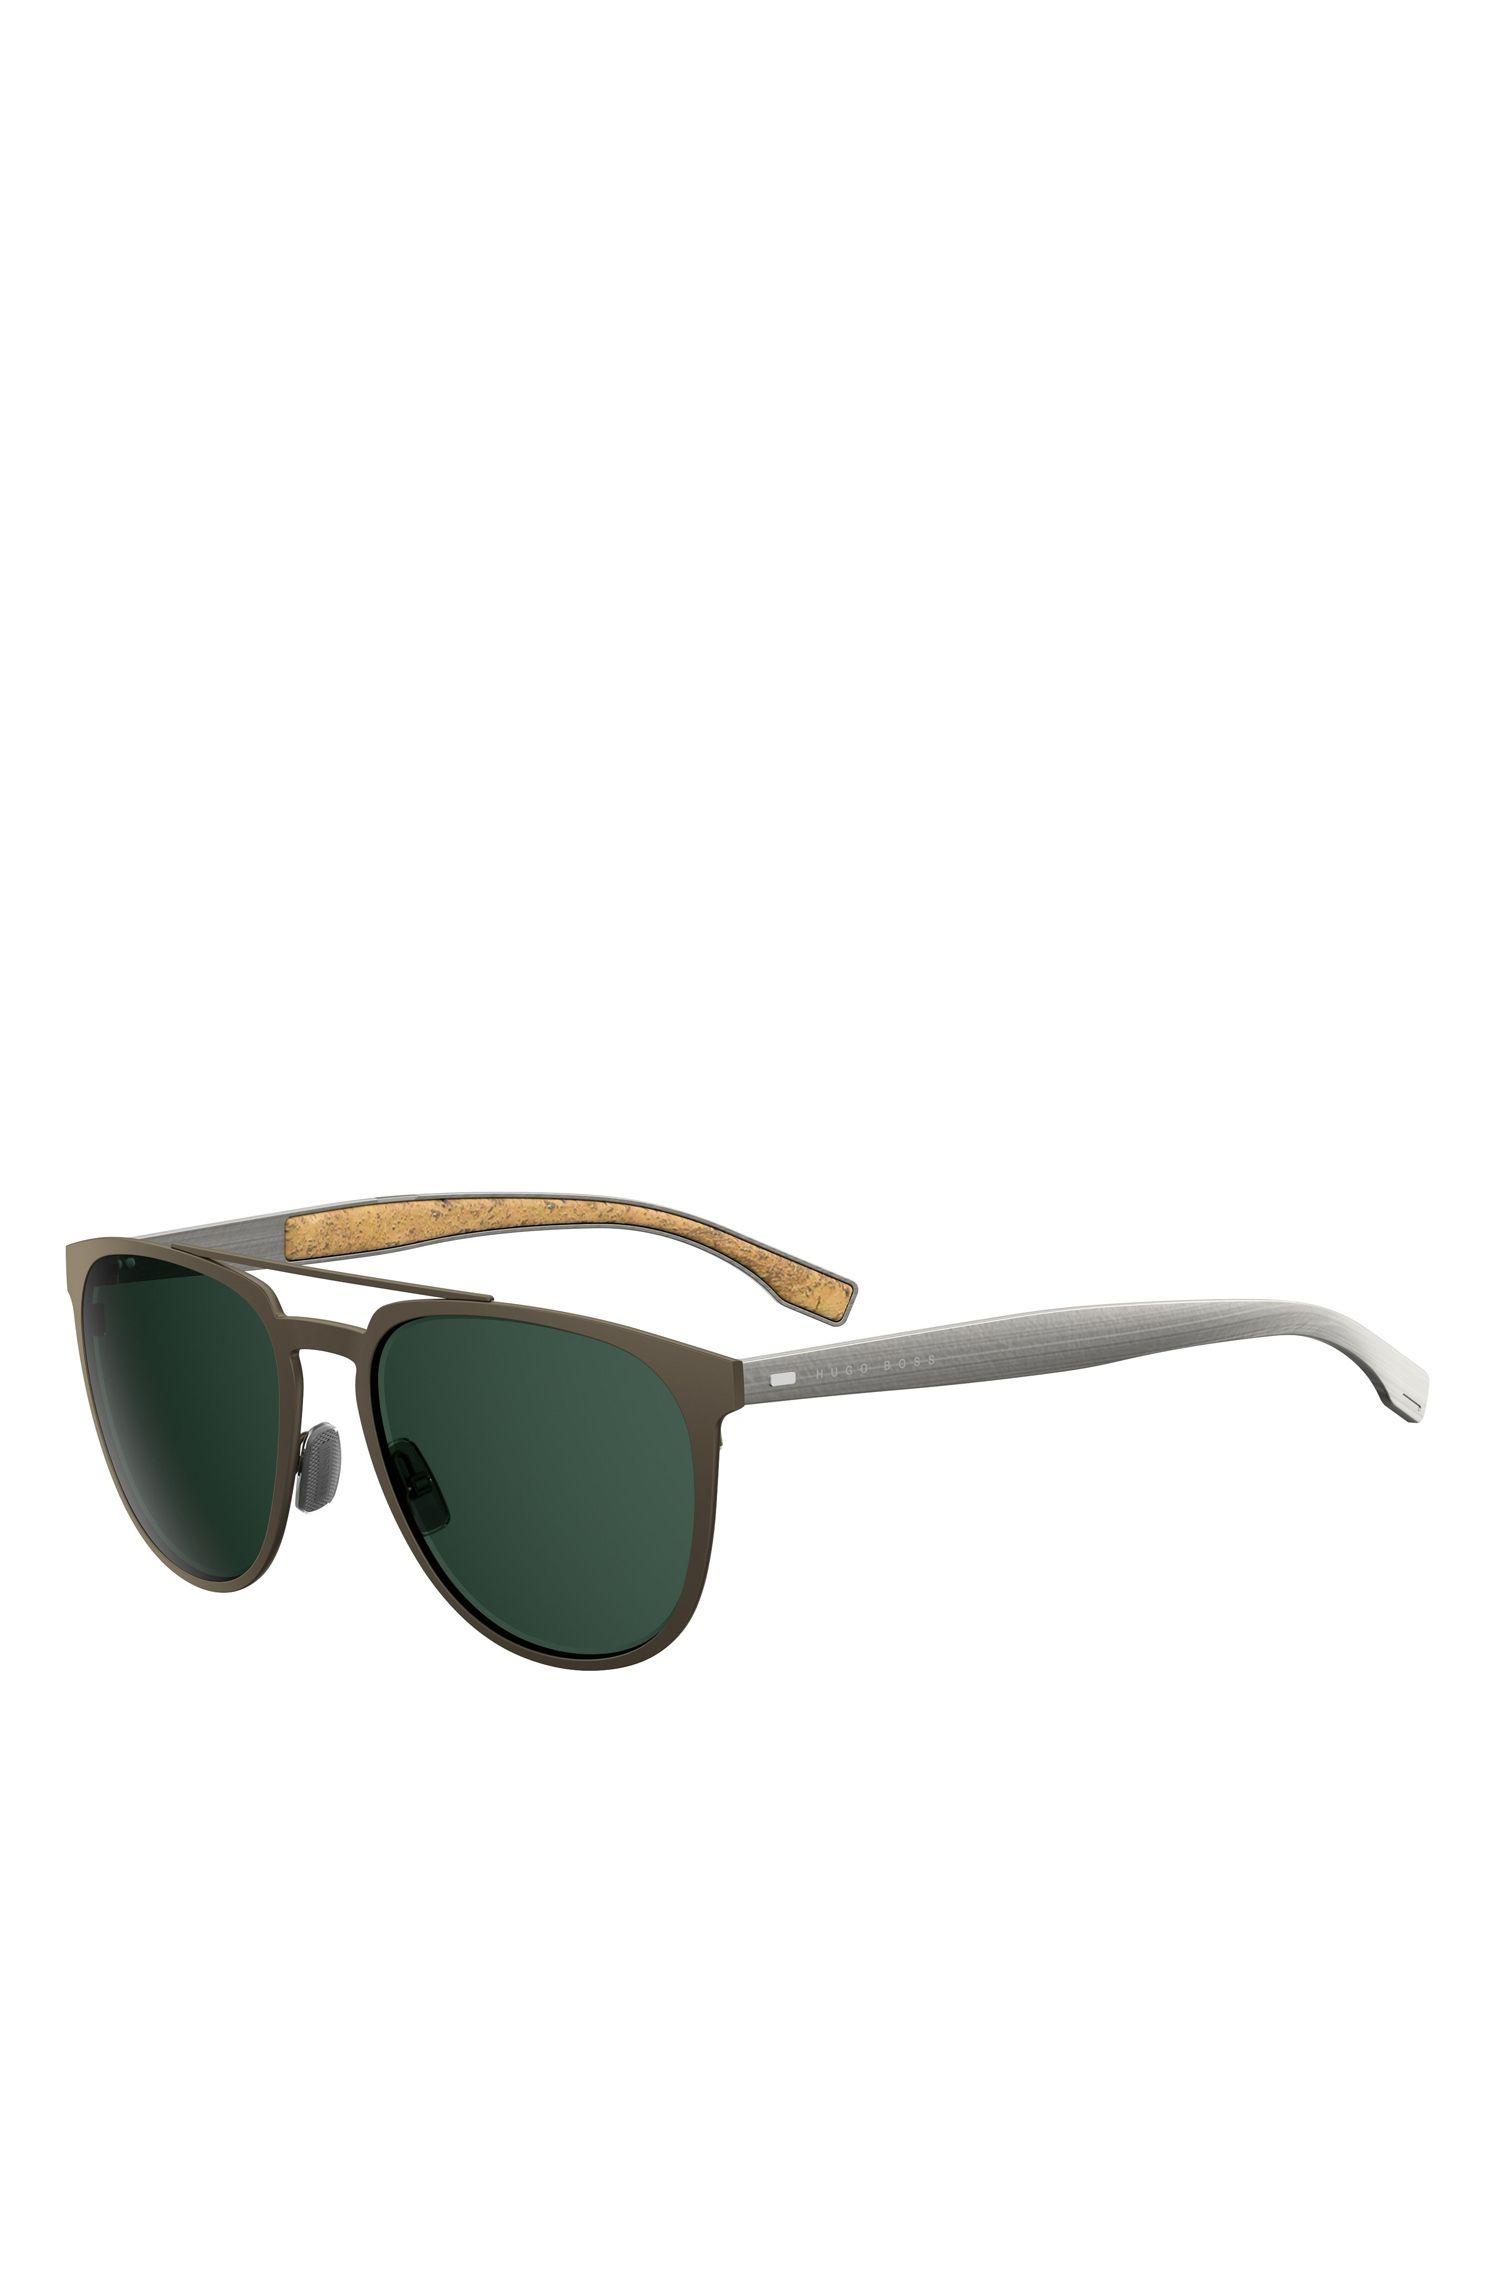 'BOSS 0882S'   Dark Brown Round Metal Sunglasses